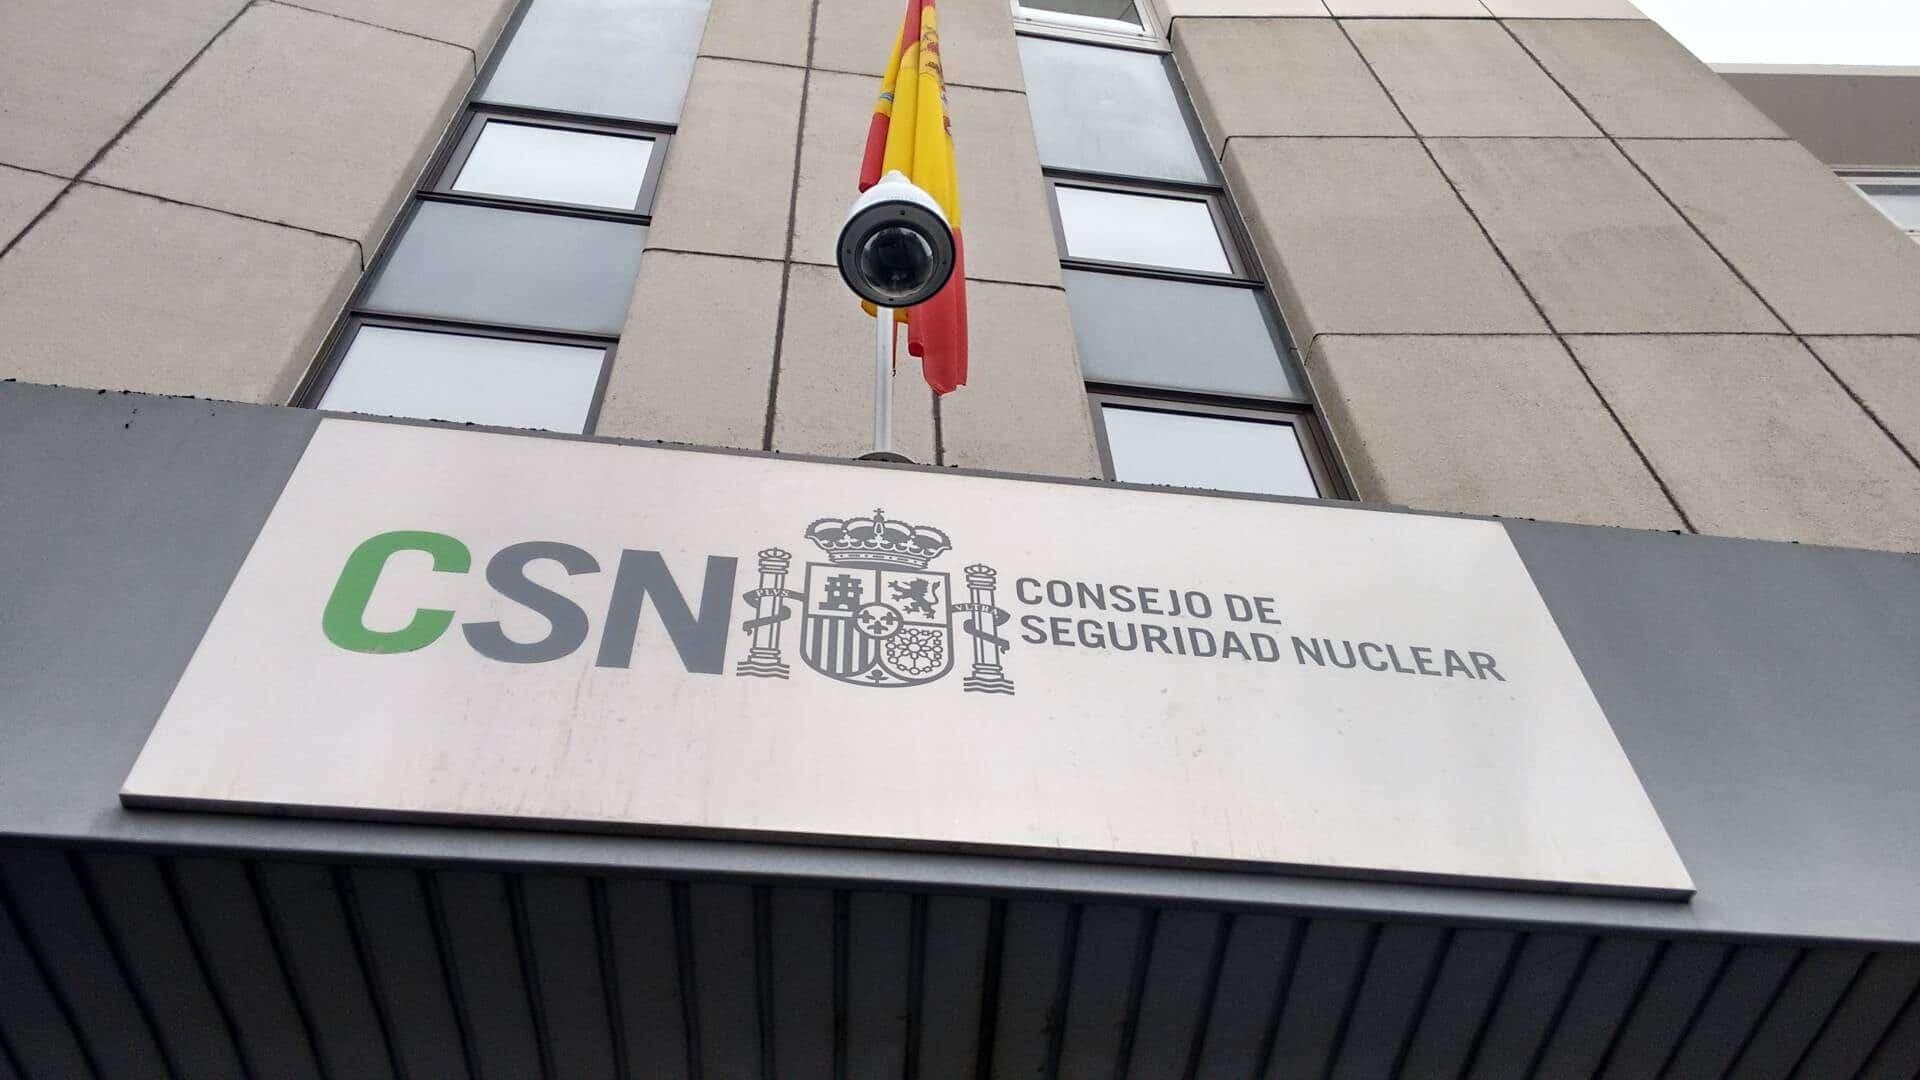 El TS exige al CSN explicar por qué cesó a un alto cargo que discrepó con la cúpula